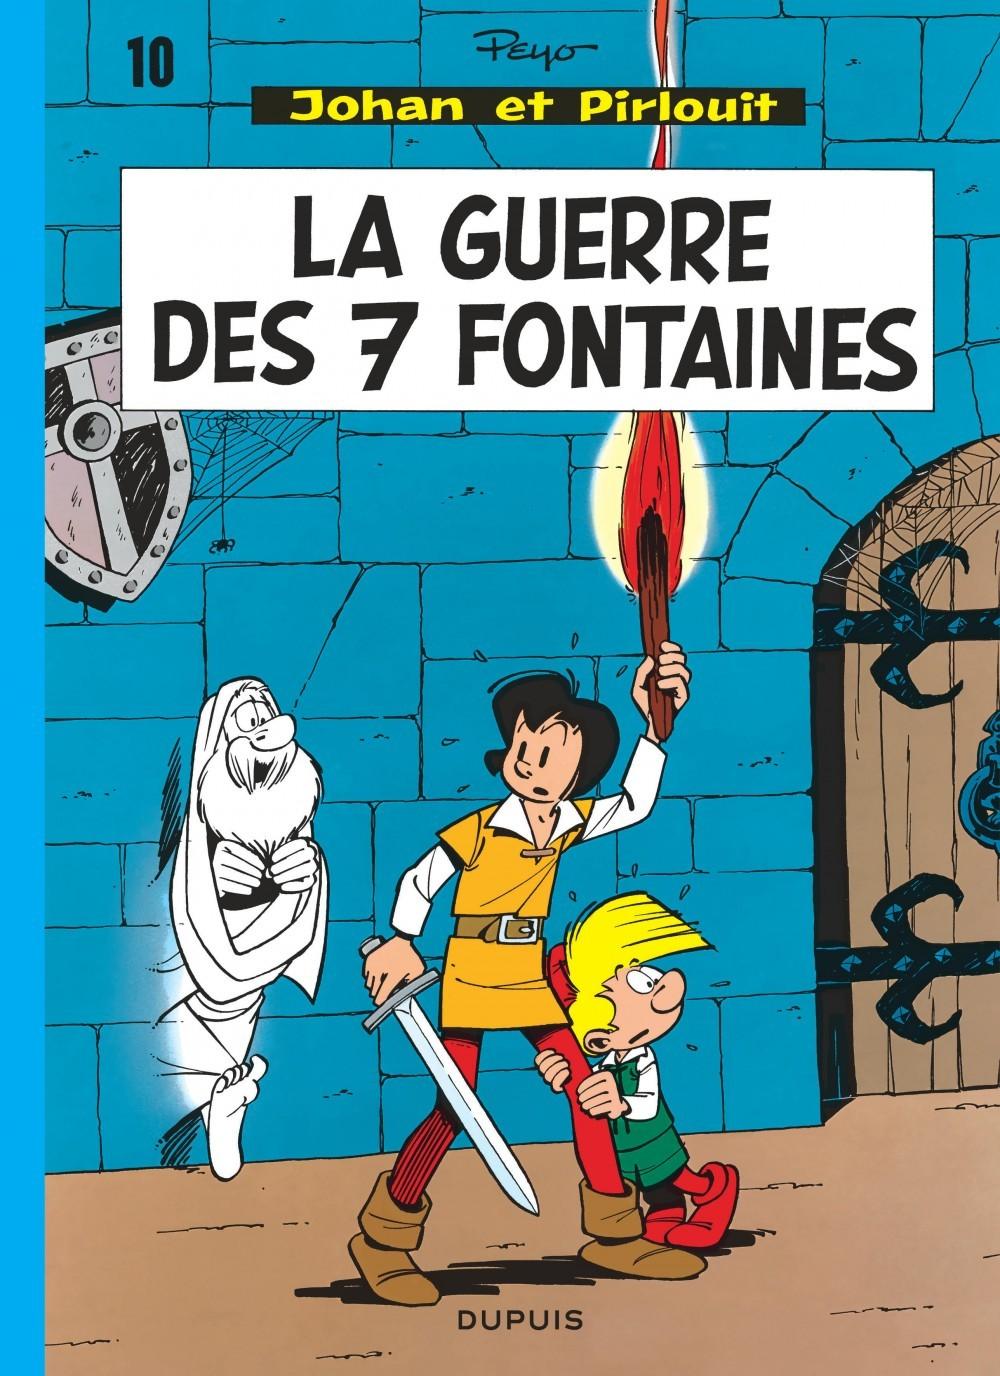 LA GUERRE DES 7 FONTAINES - JOHAN ET PIRLOUIT (DUPUIS) - T10